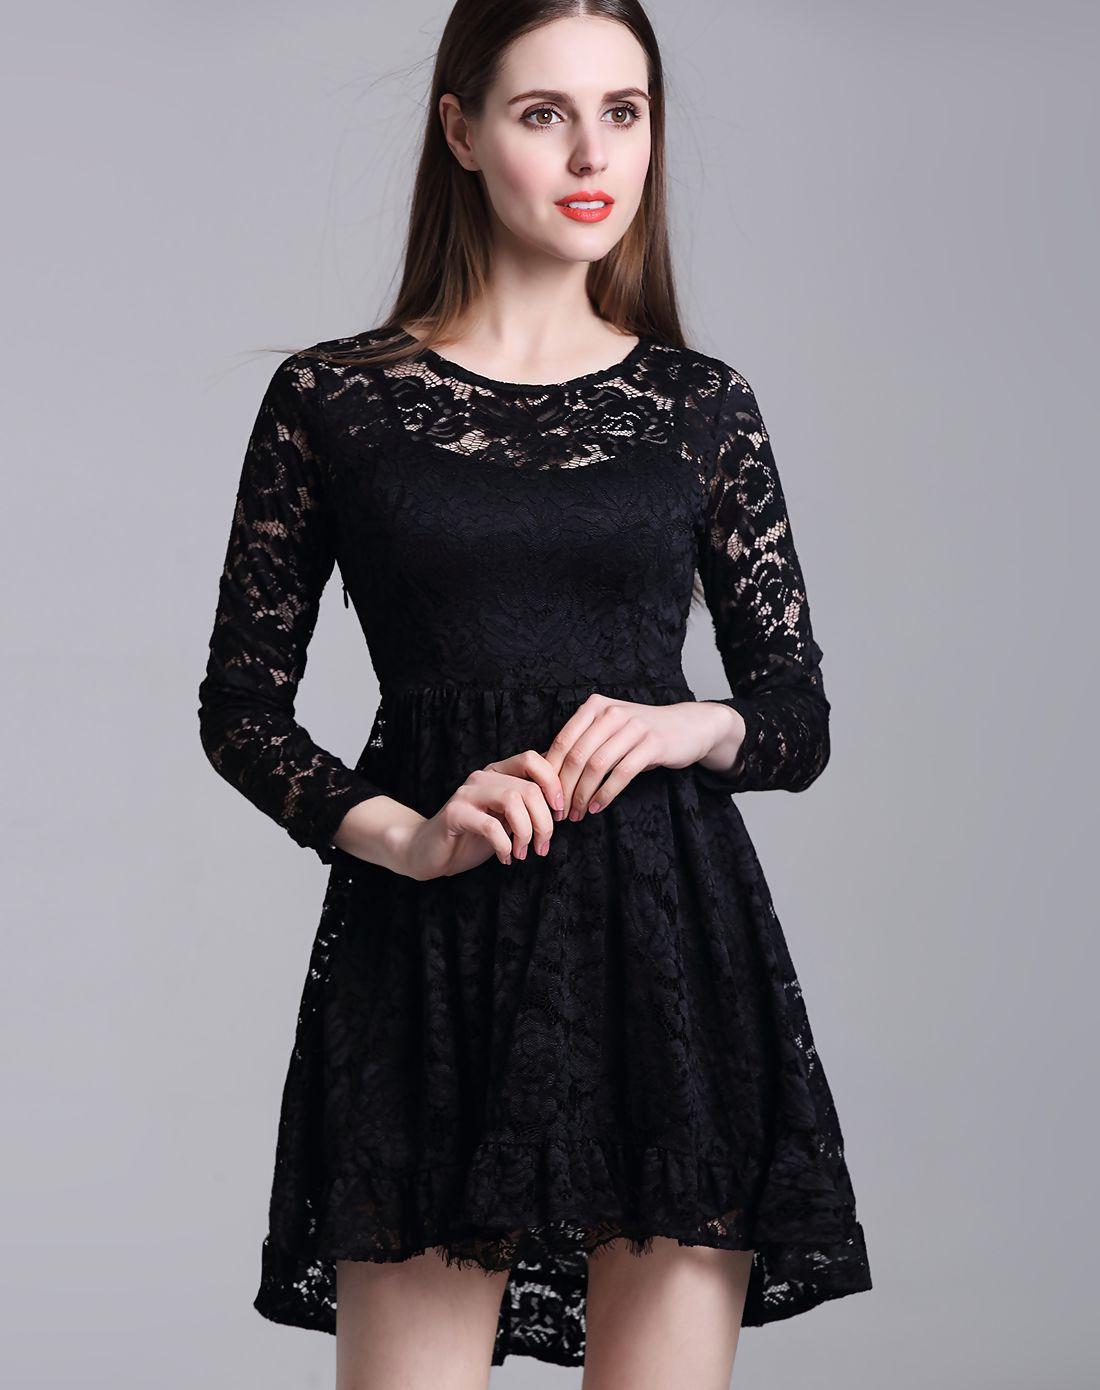 Adorewe vipme aline dressesdesigner bkmgc black lace cutout